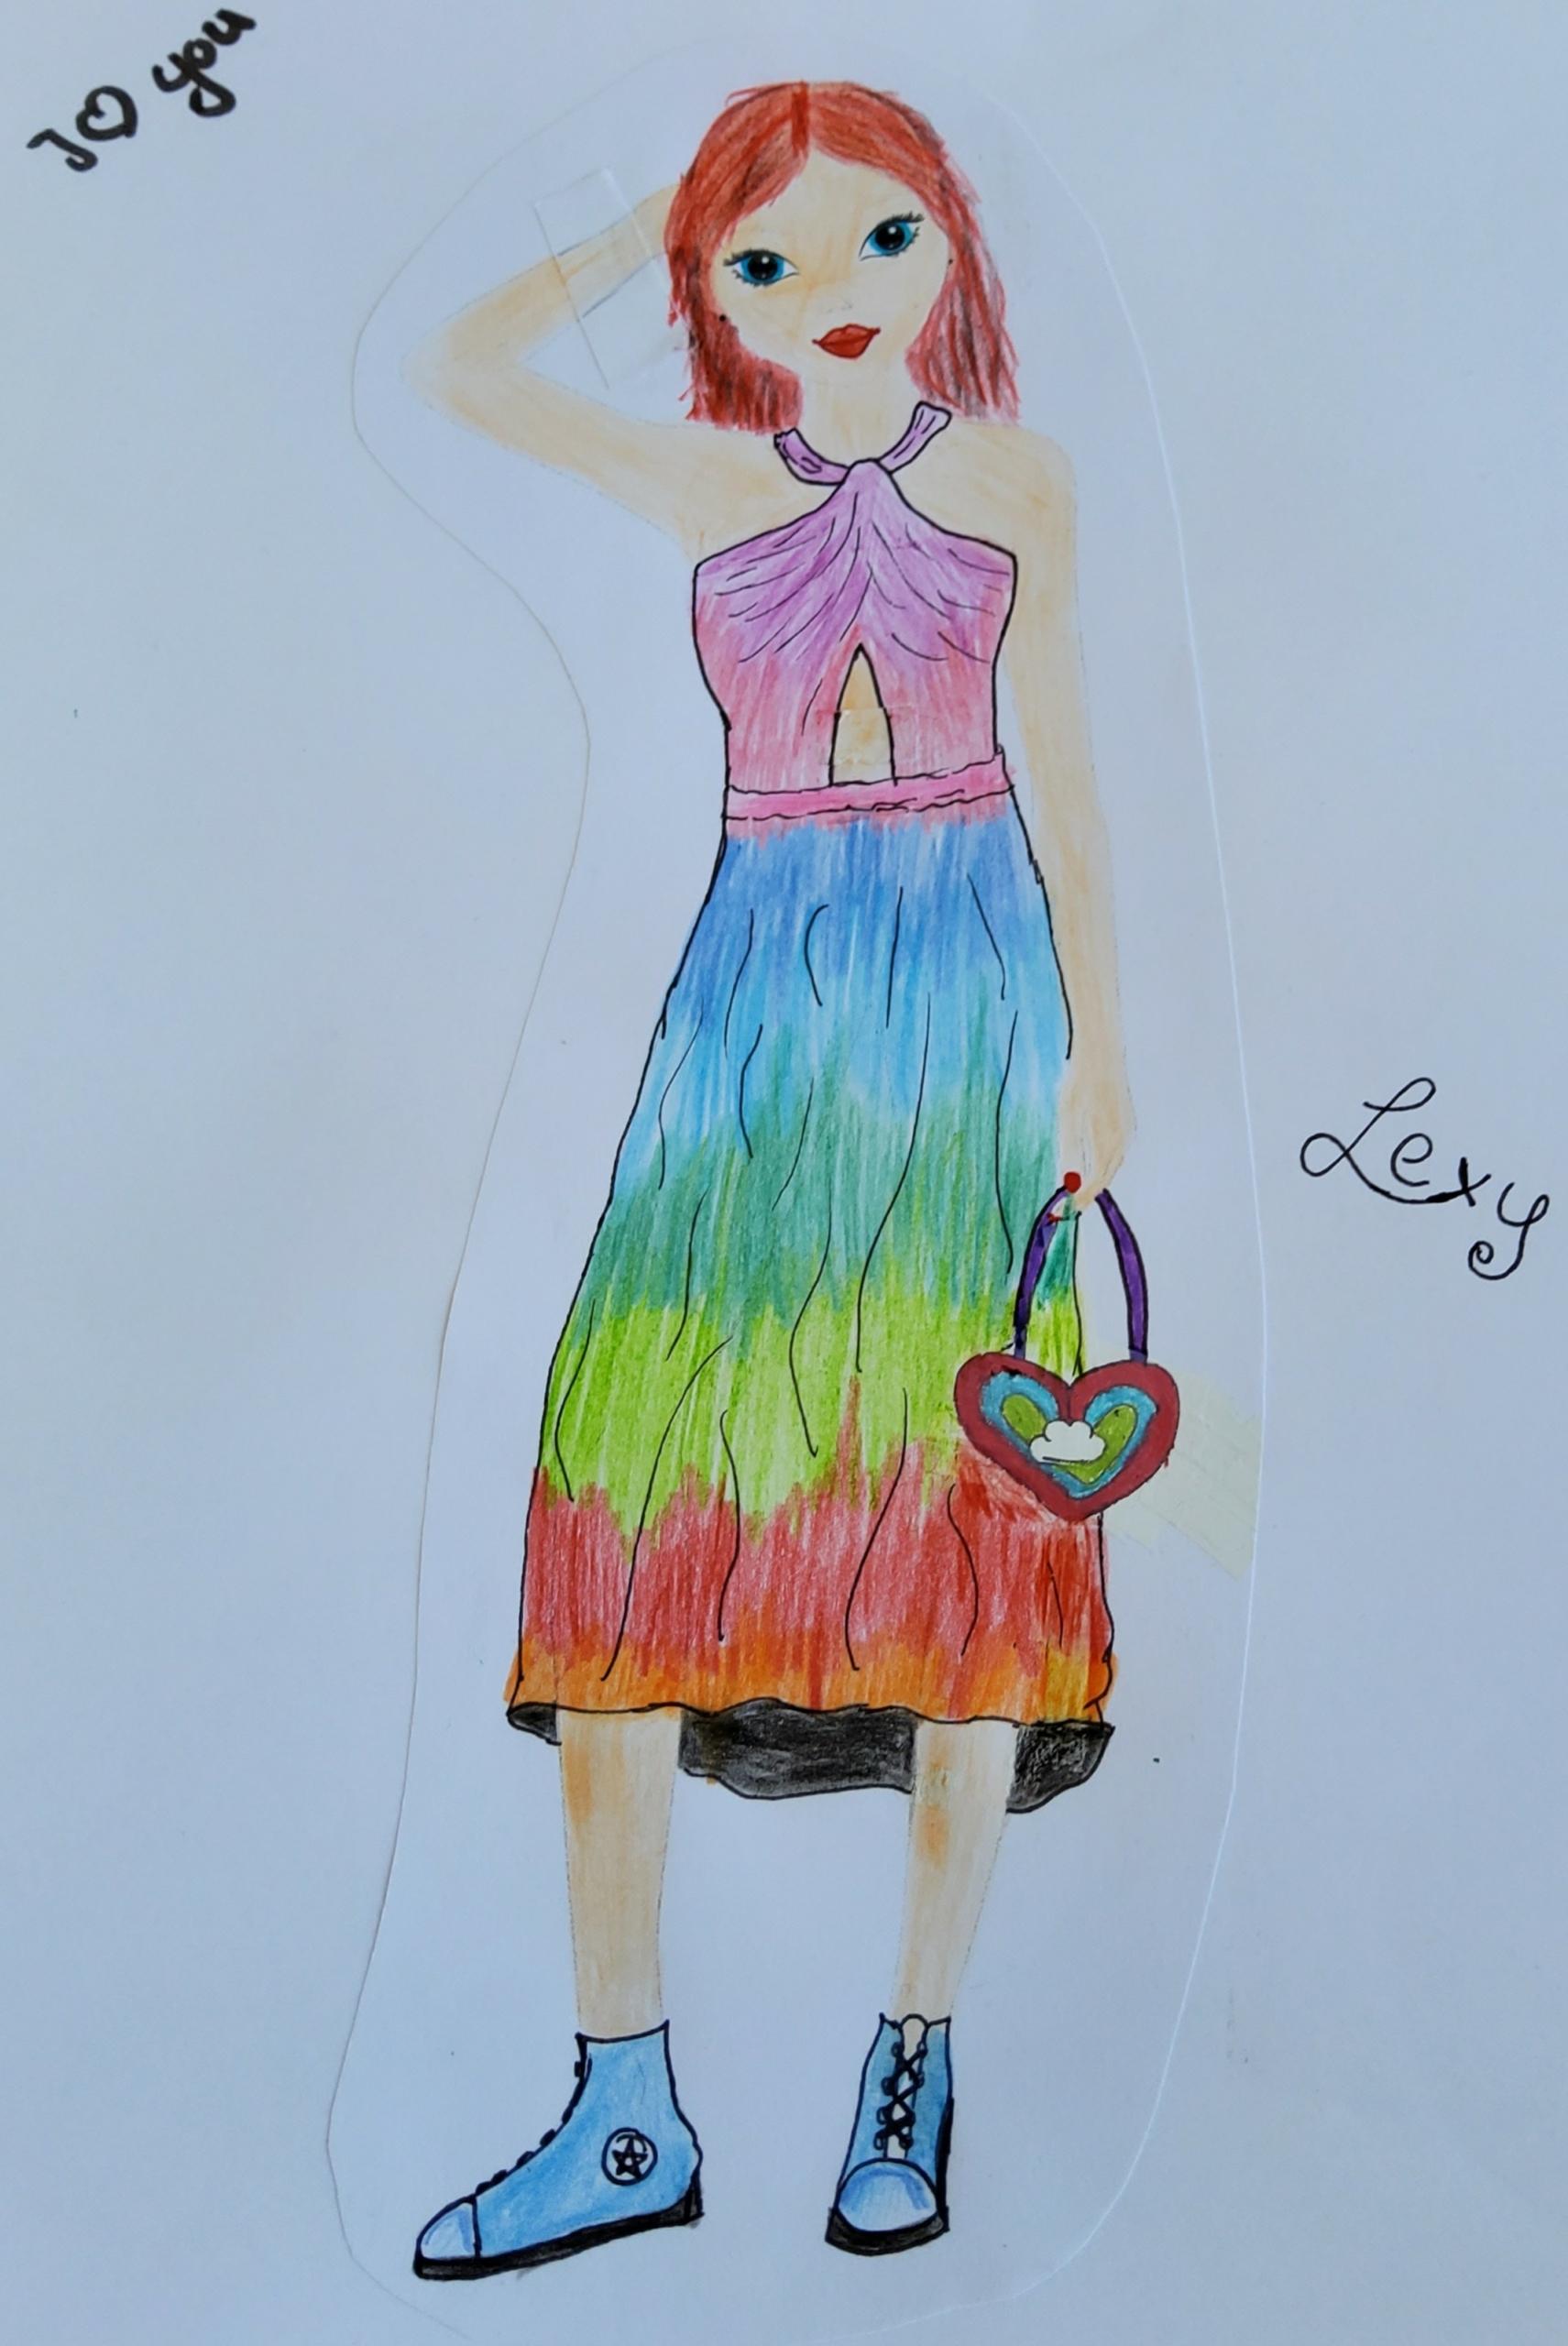 Rainbow  C., 10 Jahre, aus Eggolsheim